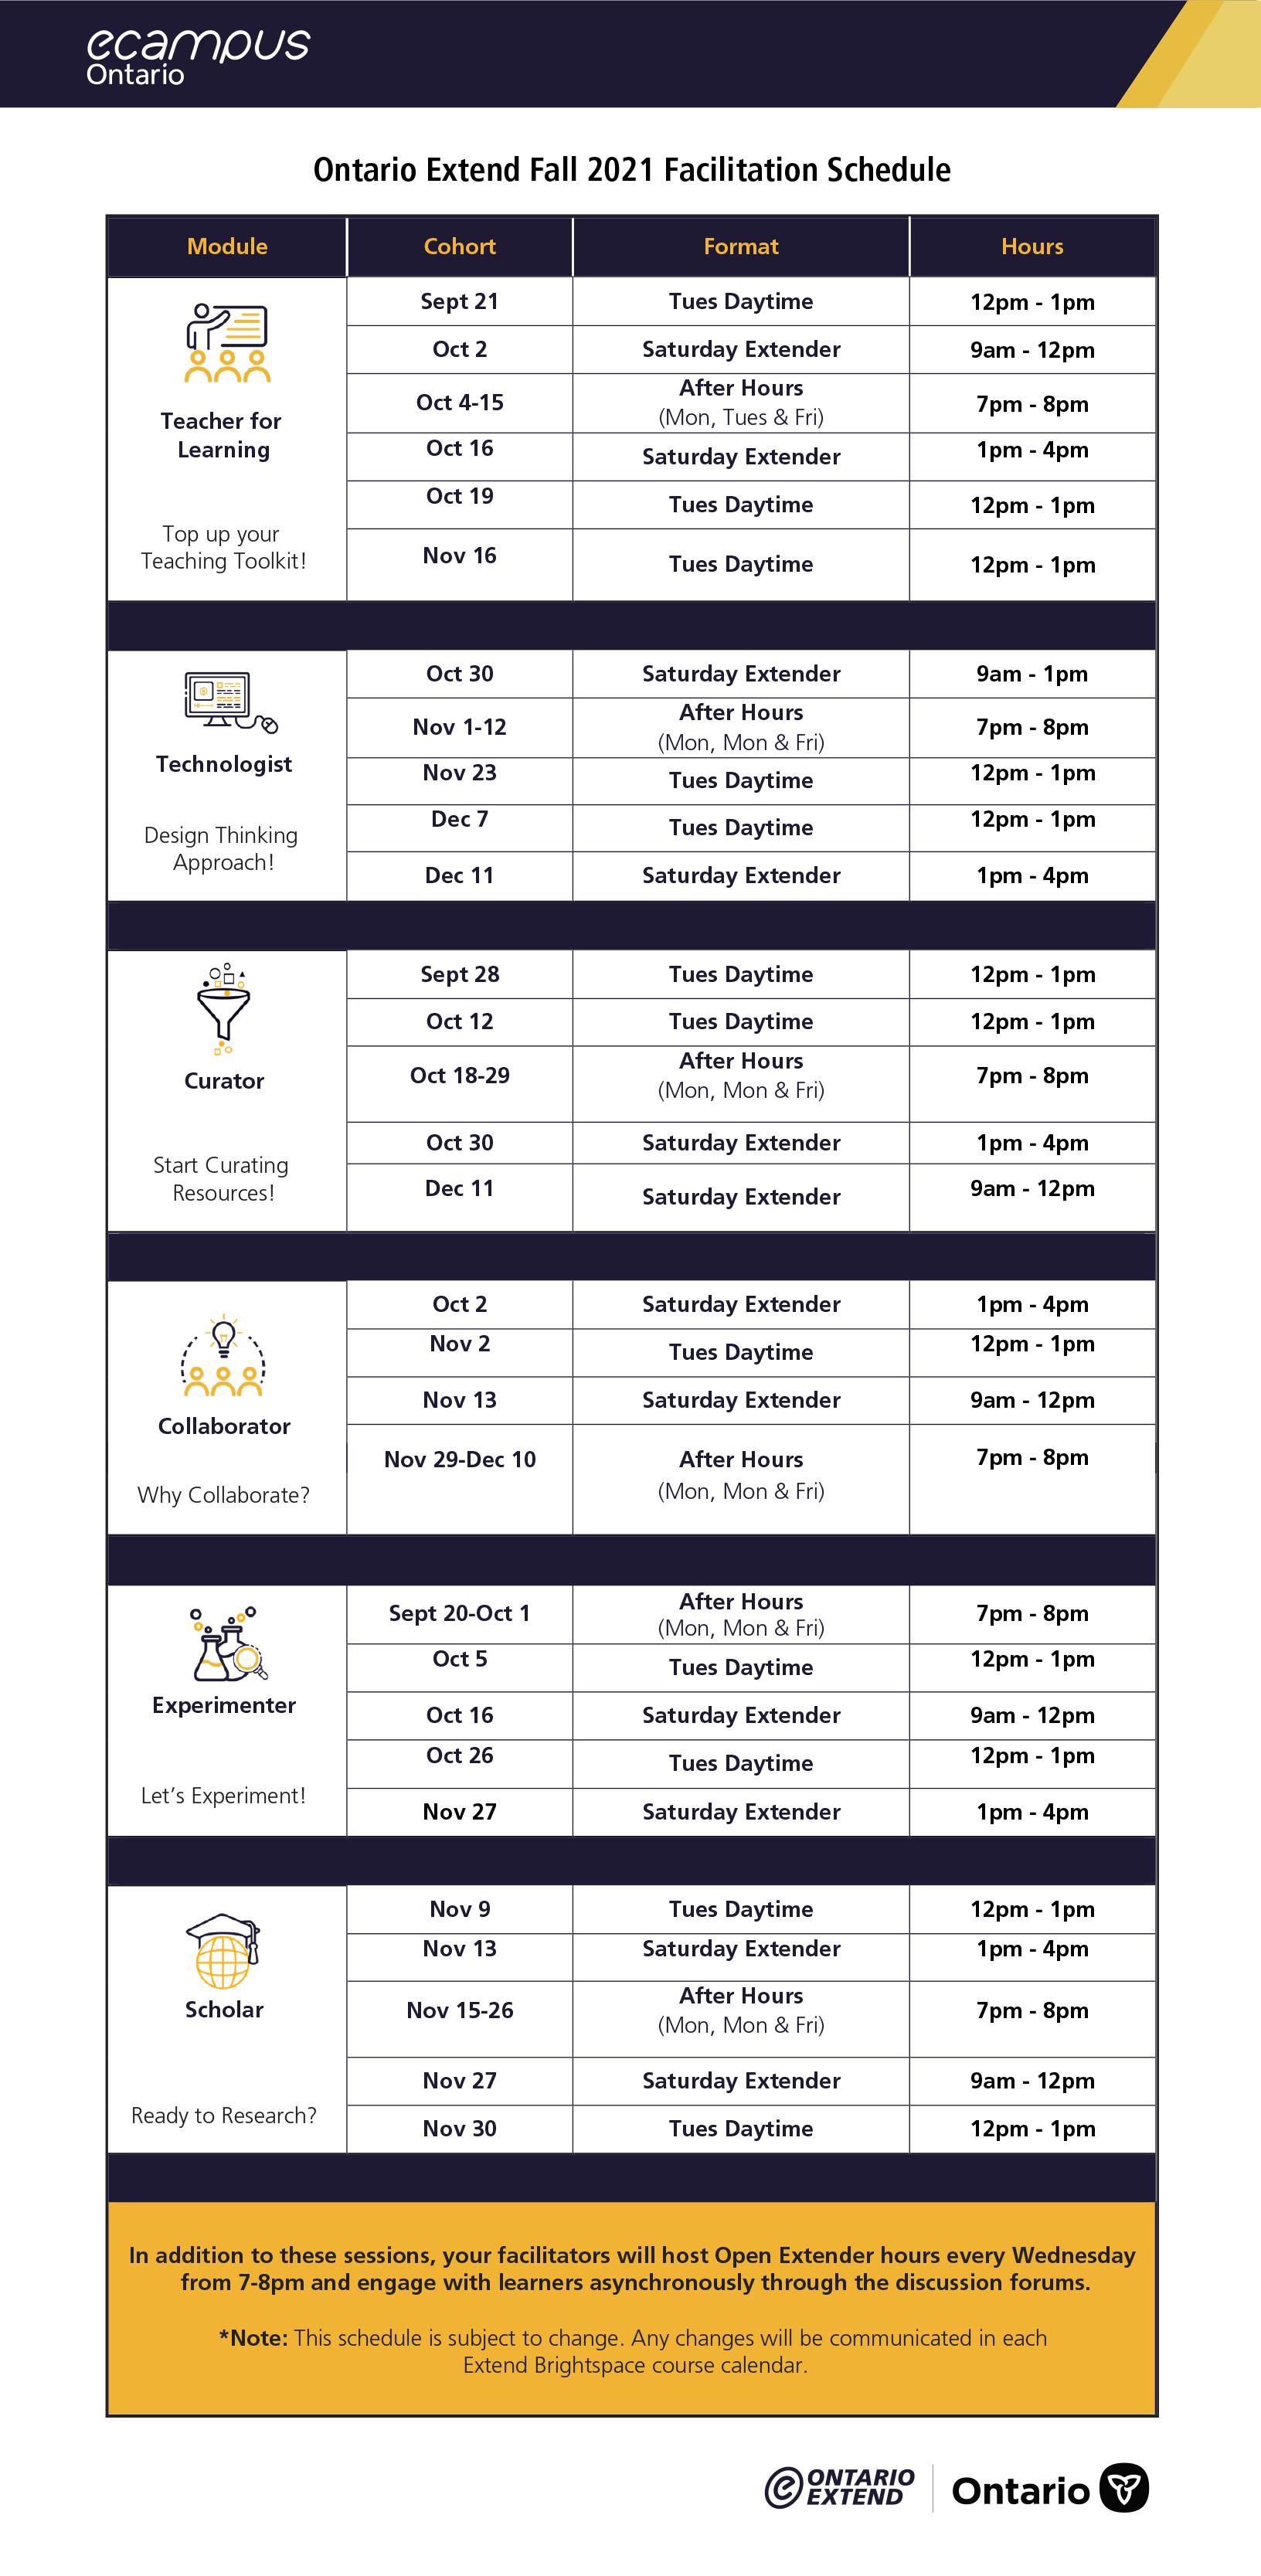 Ontario Extend Fall 2021 Facilitation Schedule